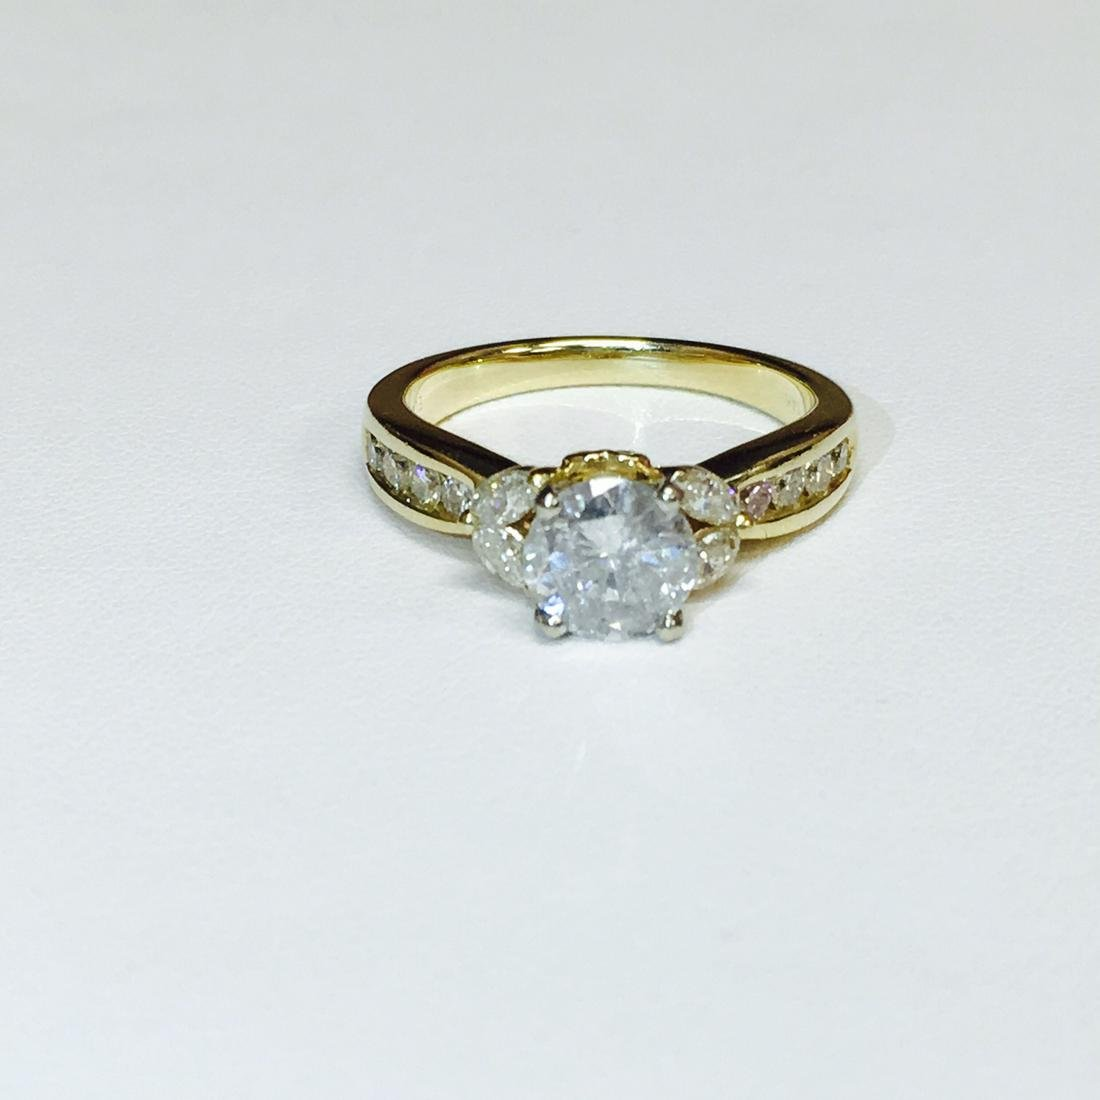 2 Carat Certified 14k GOLD DIAMOND ENGAGEMENT RING